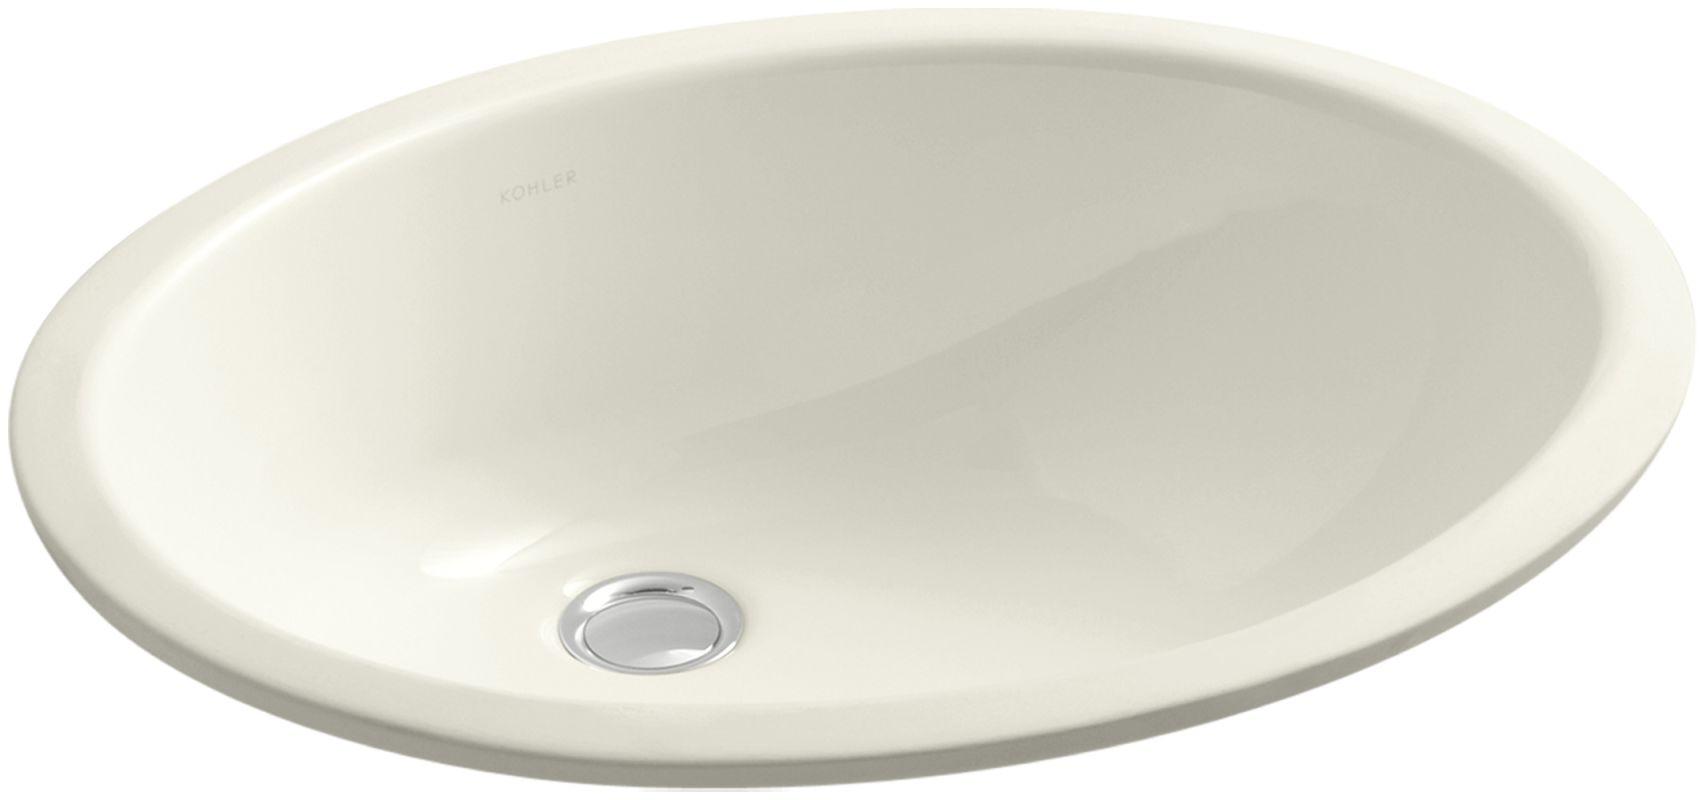 Kohler Sinks Home Depot : ... Drop In Bathroom Sinks. on home depot bathroom sinks kohler no hole